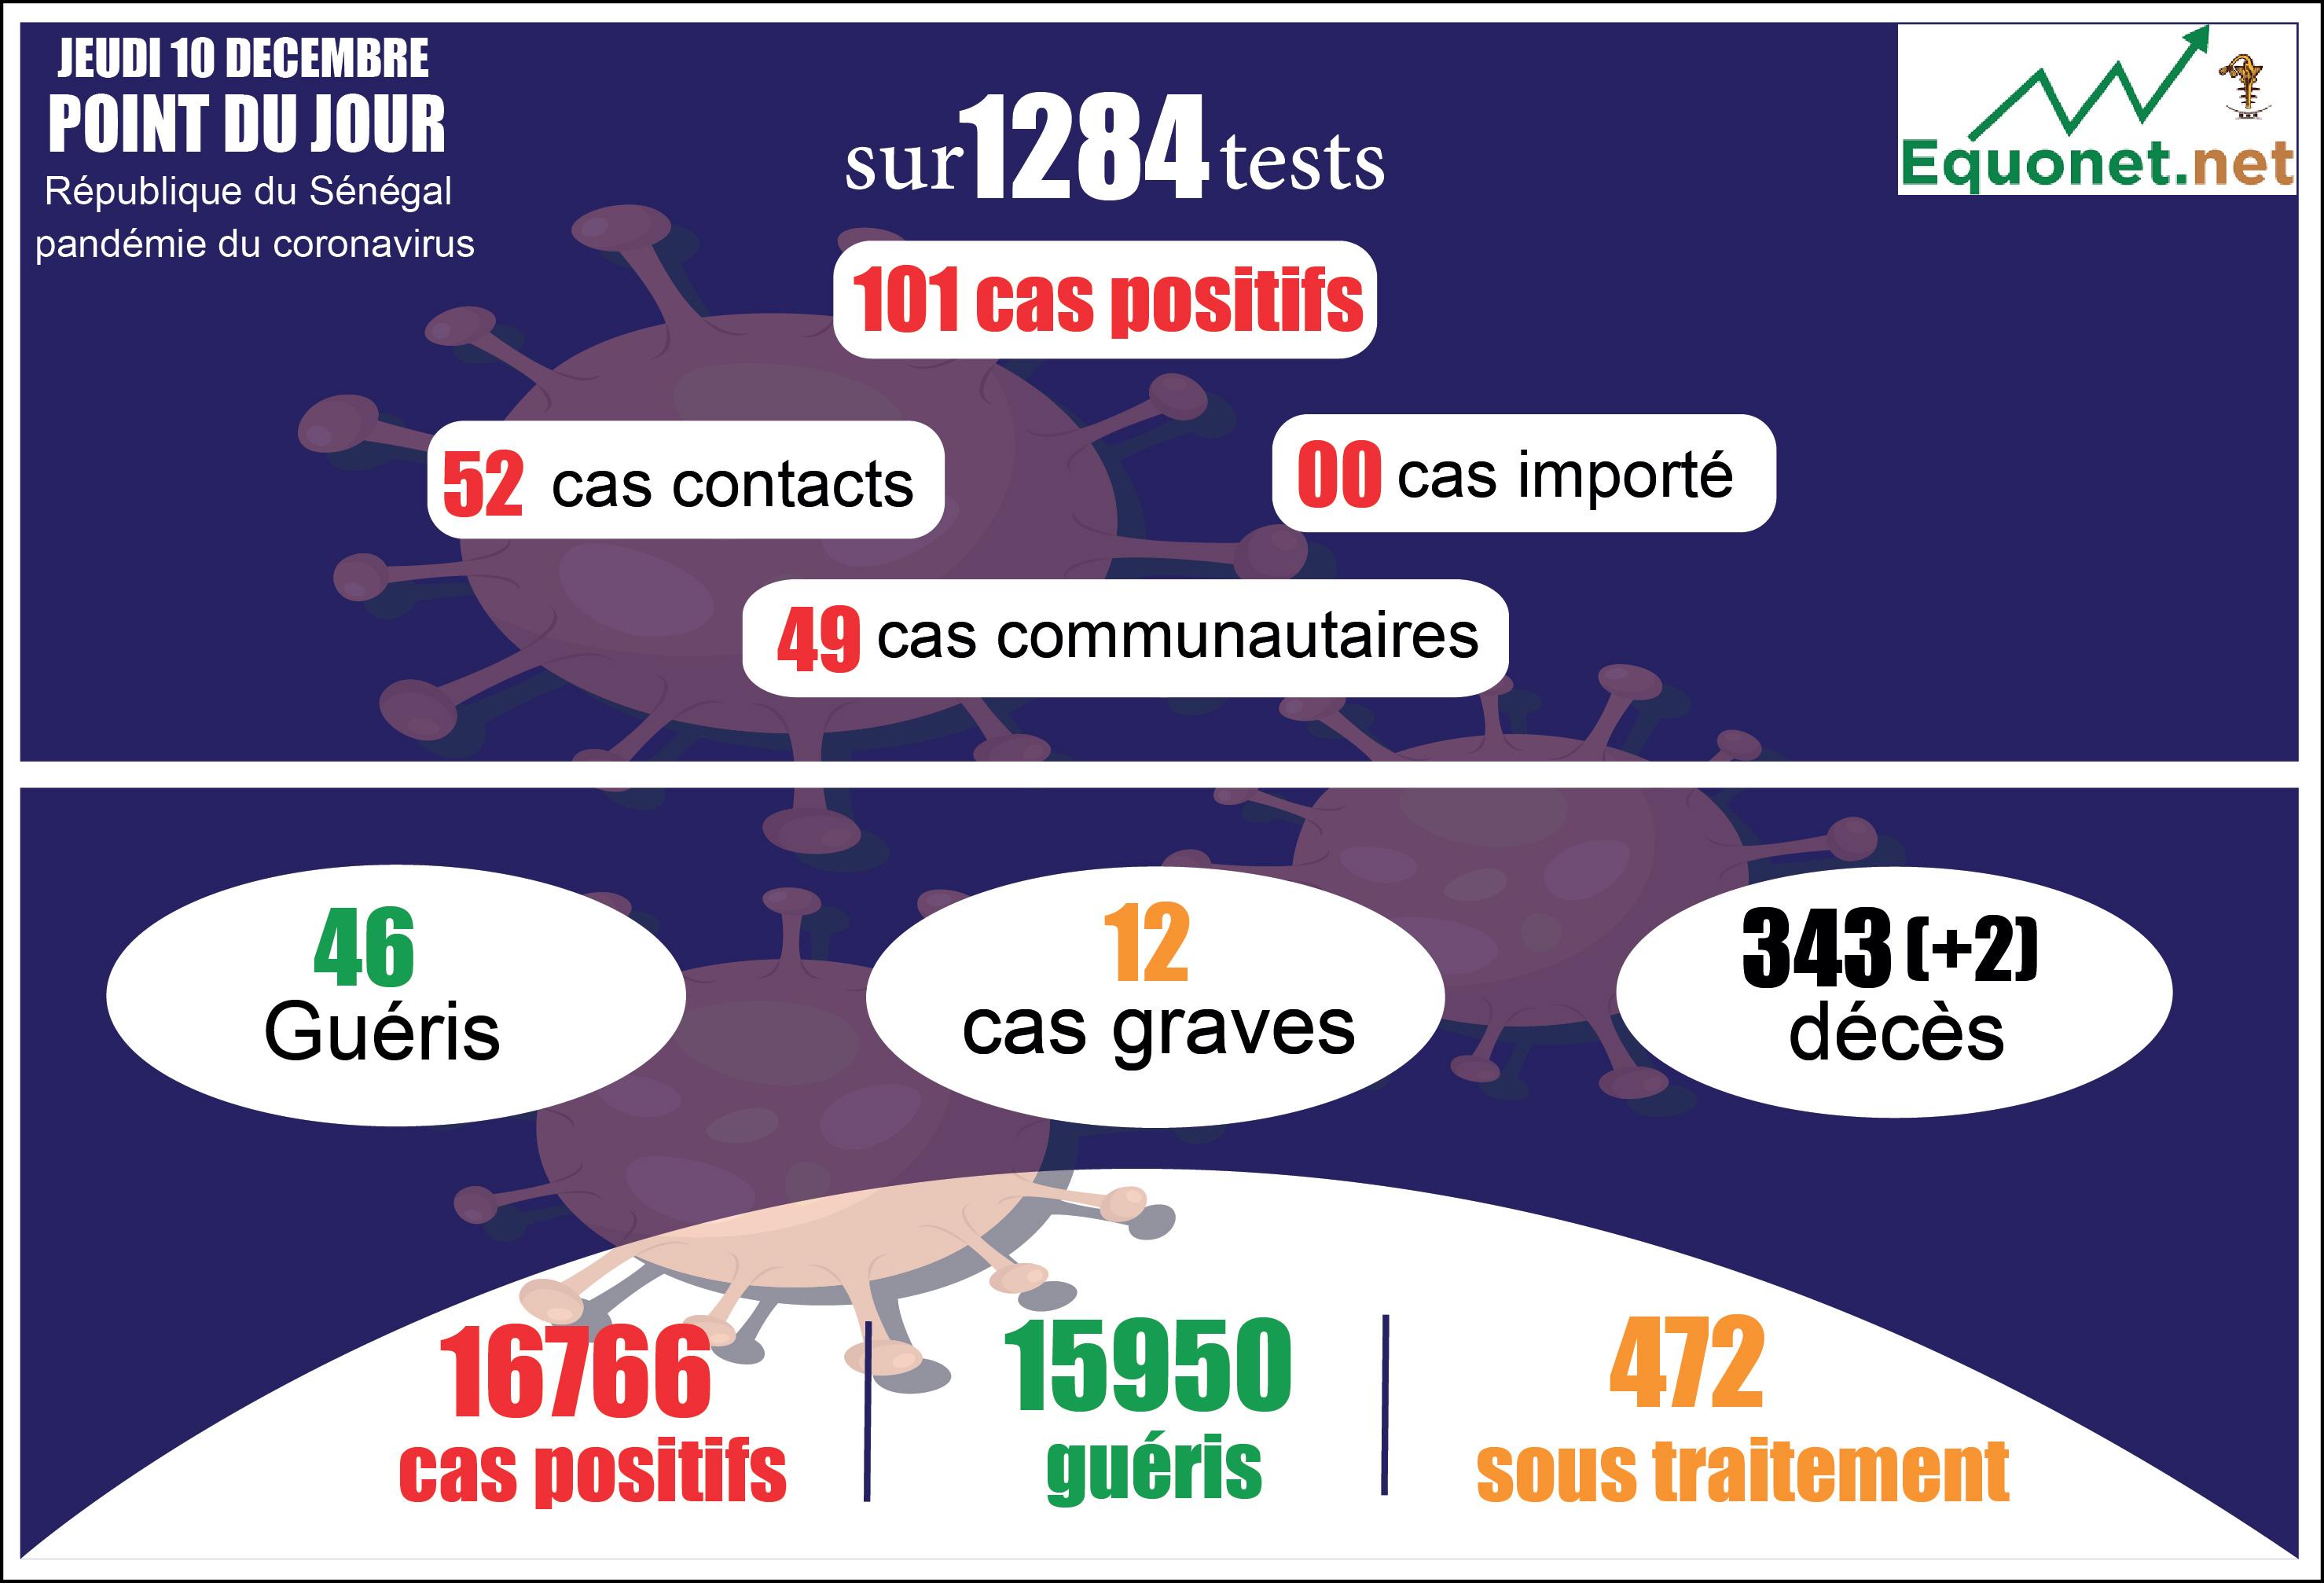 pandémie du coronavirus-covid-19 au sénégal : 49 cas communautaires ont été enregistrés ce jeudi 10 décembre 2020